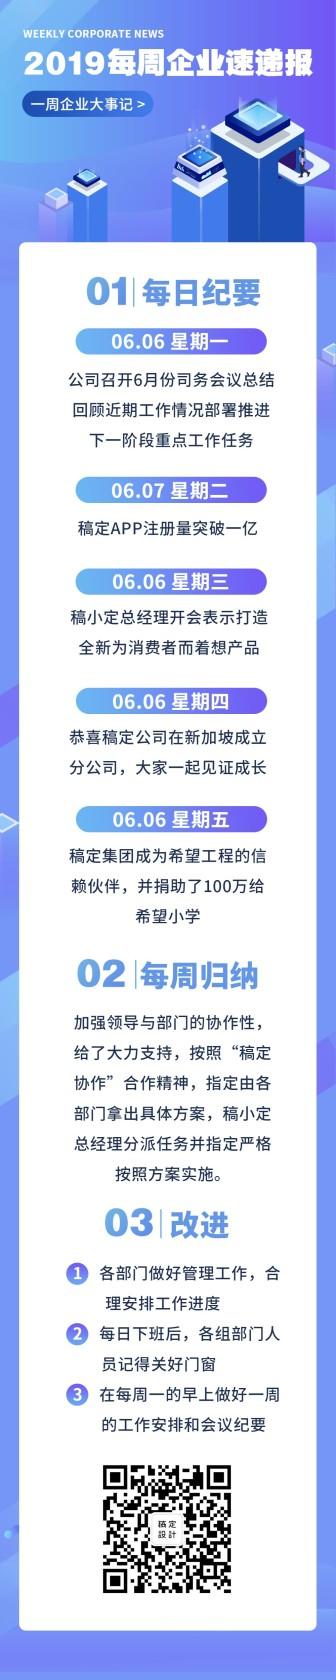 2019每周企业速递报文章长图